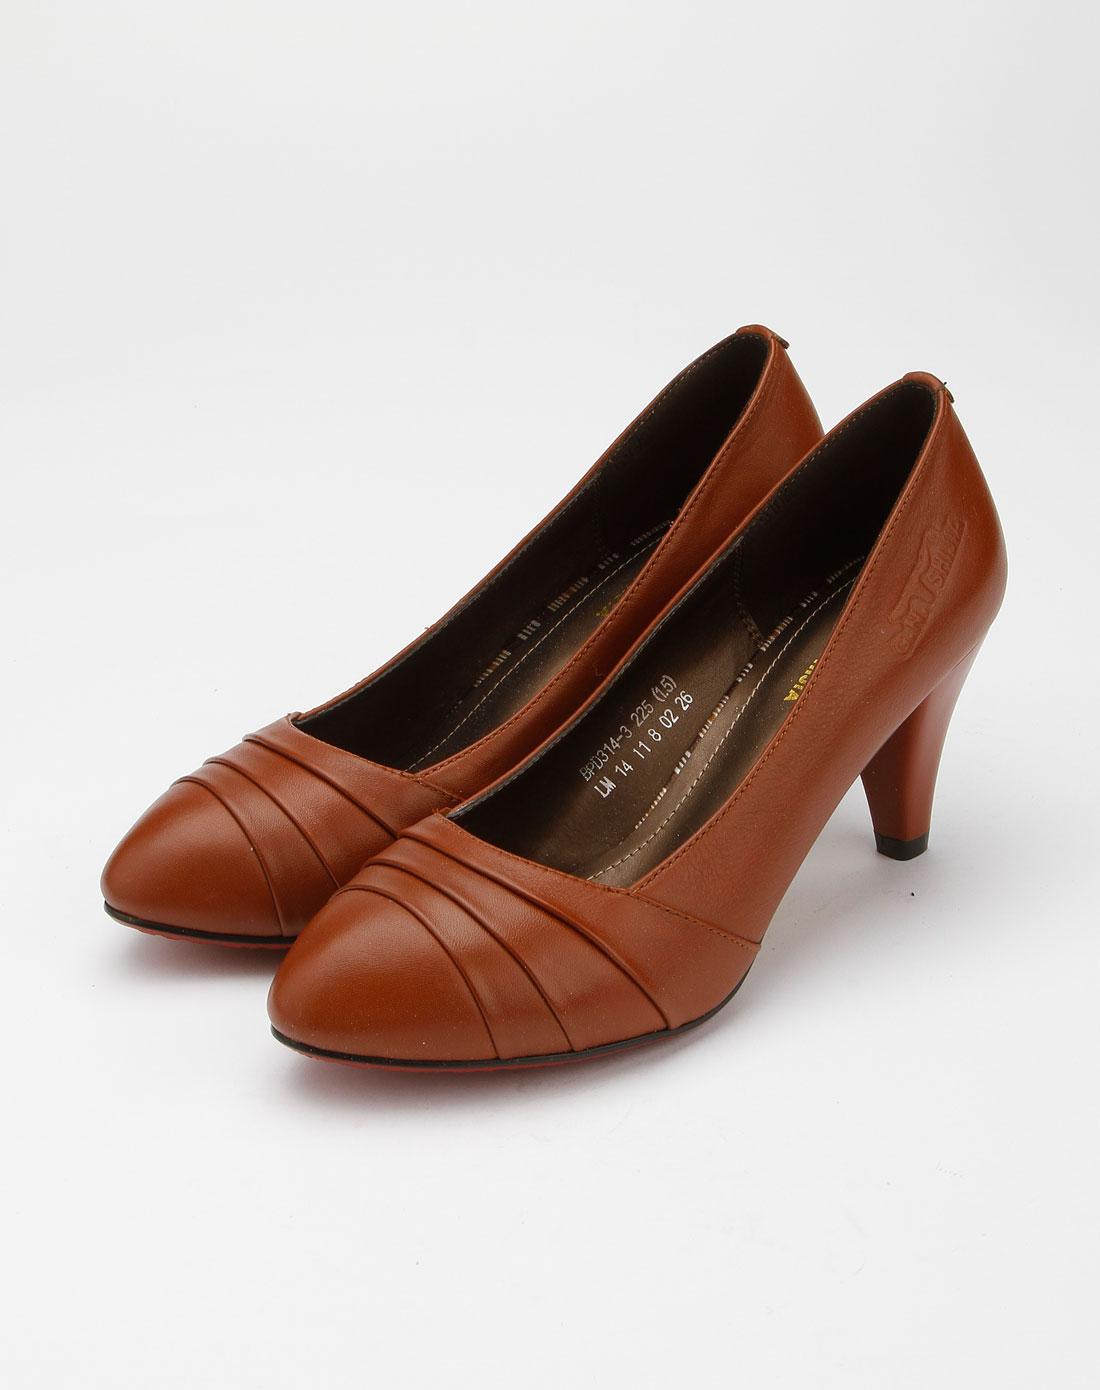 色休闲皮鞋bpd314